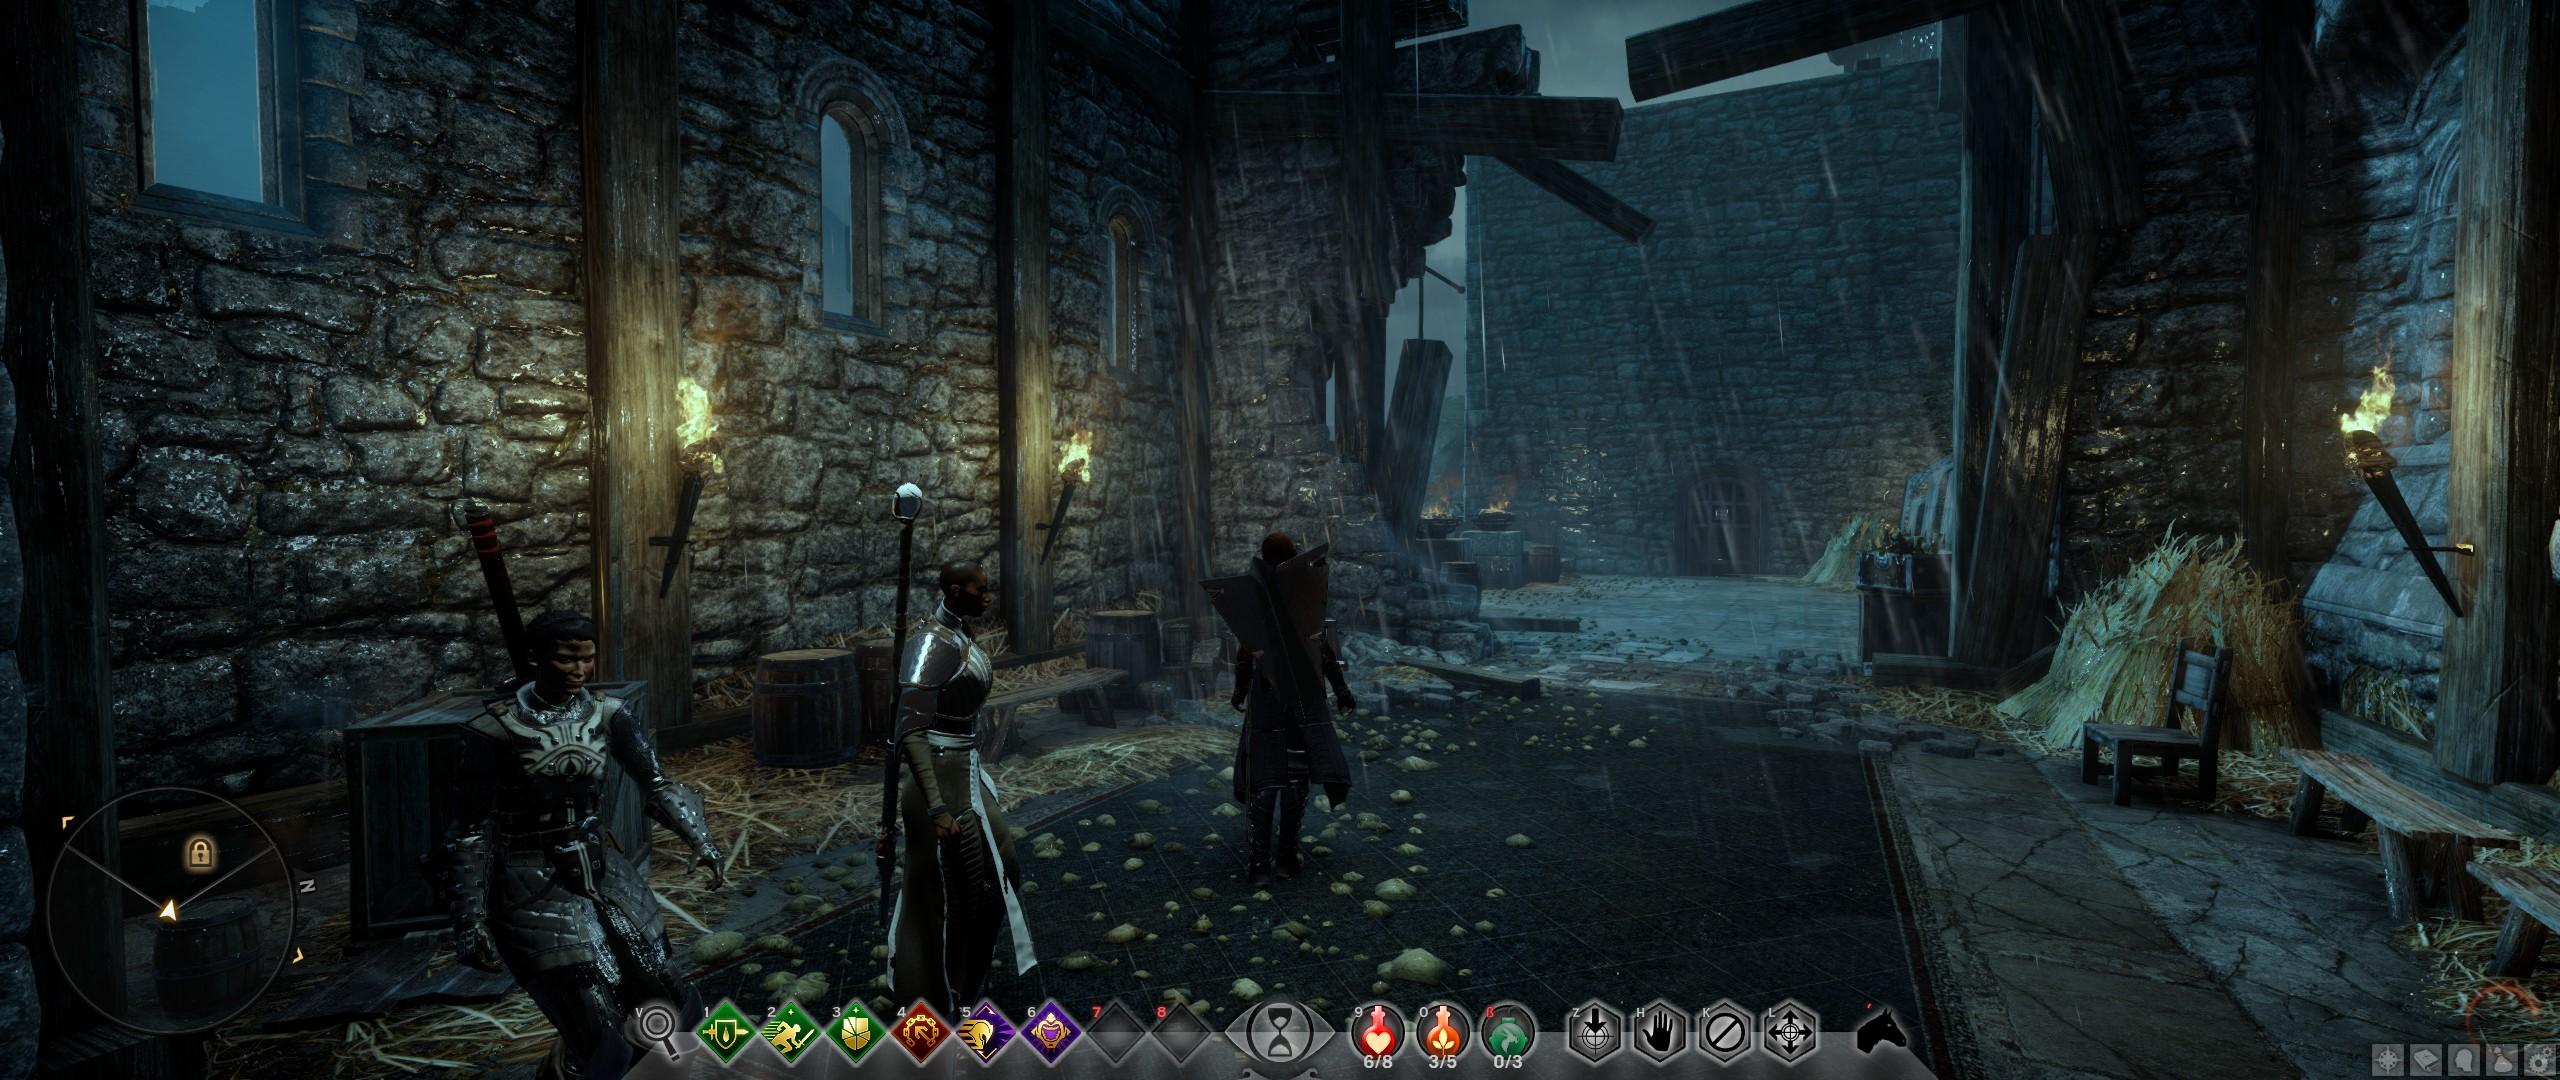 ScreenshotWin32_0044_Final